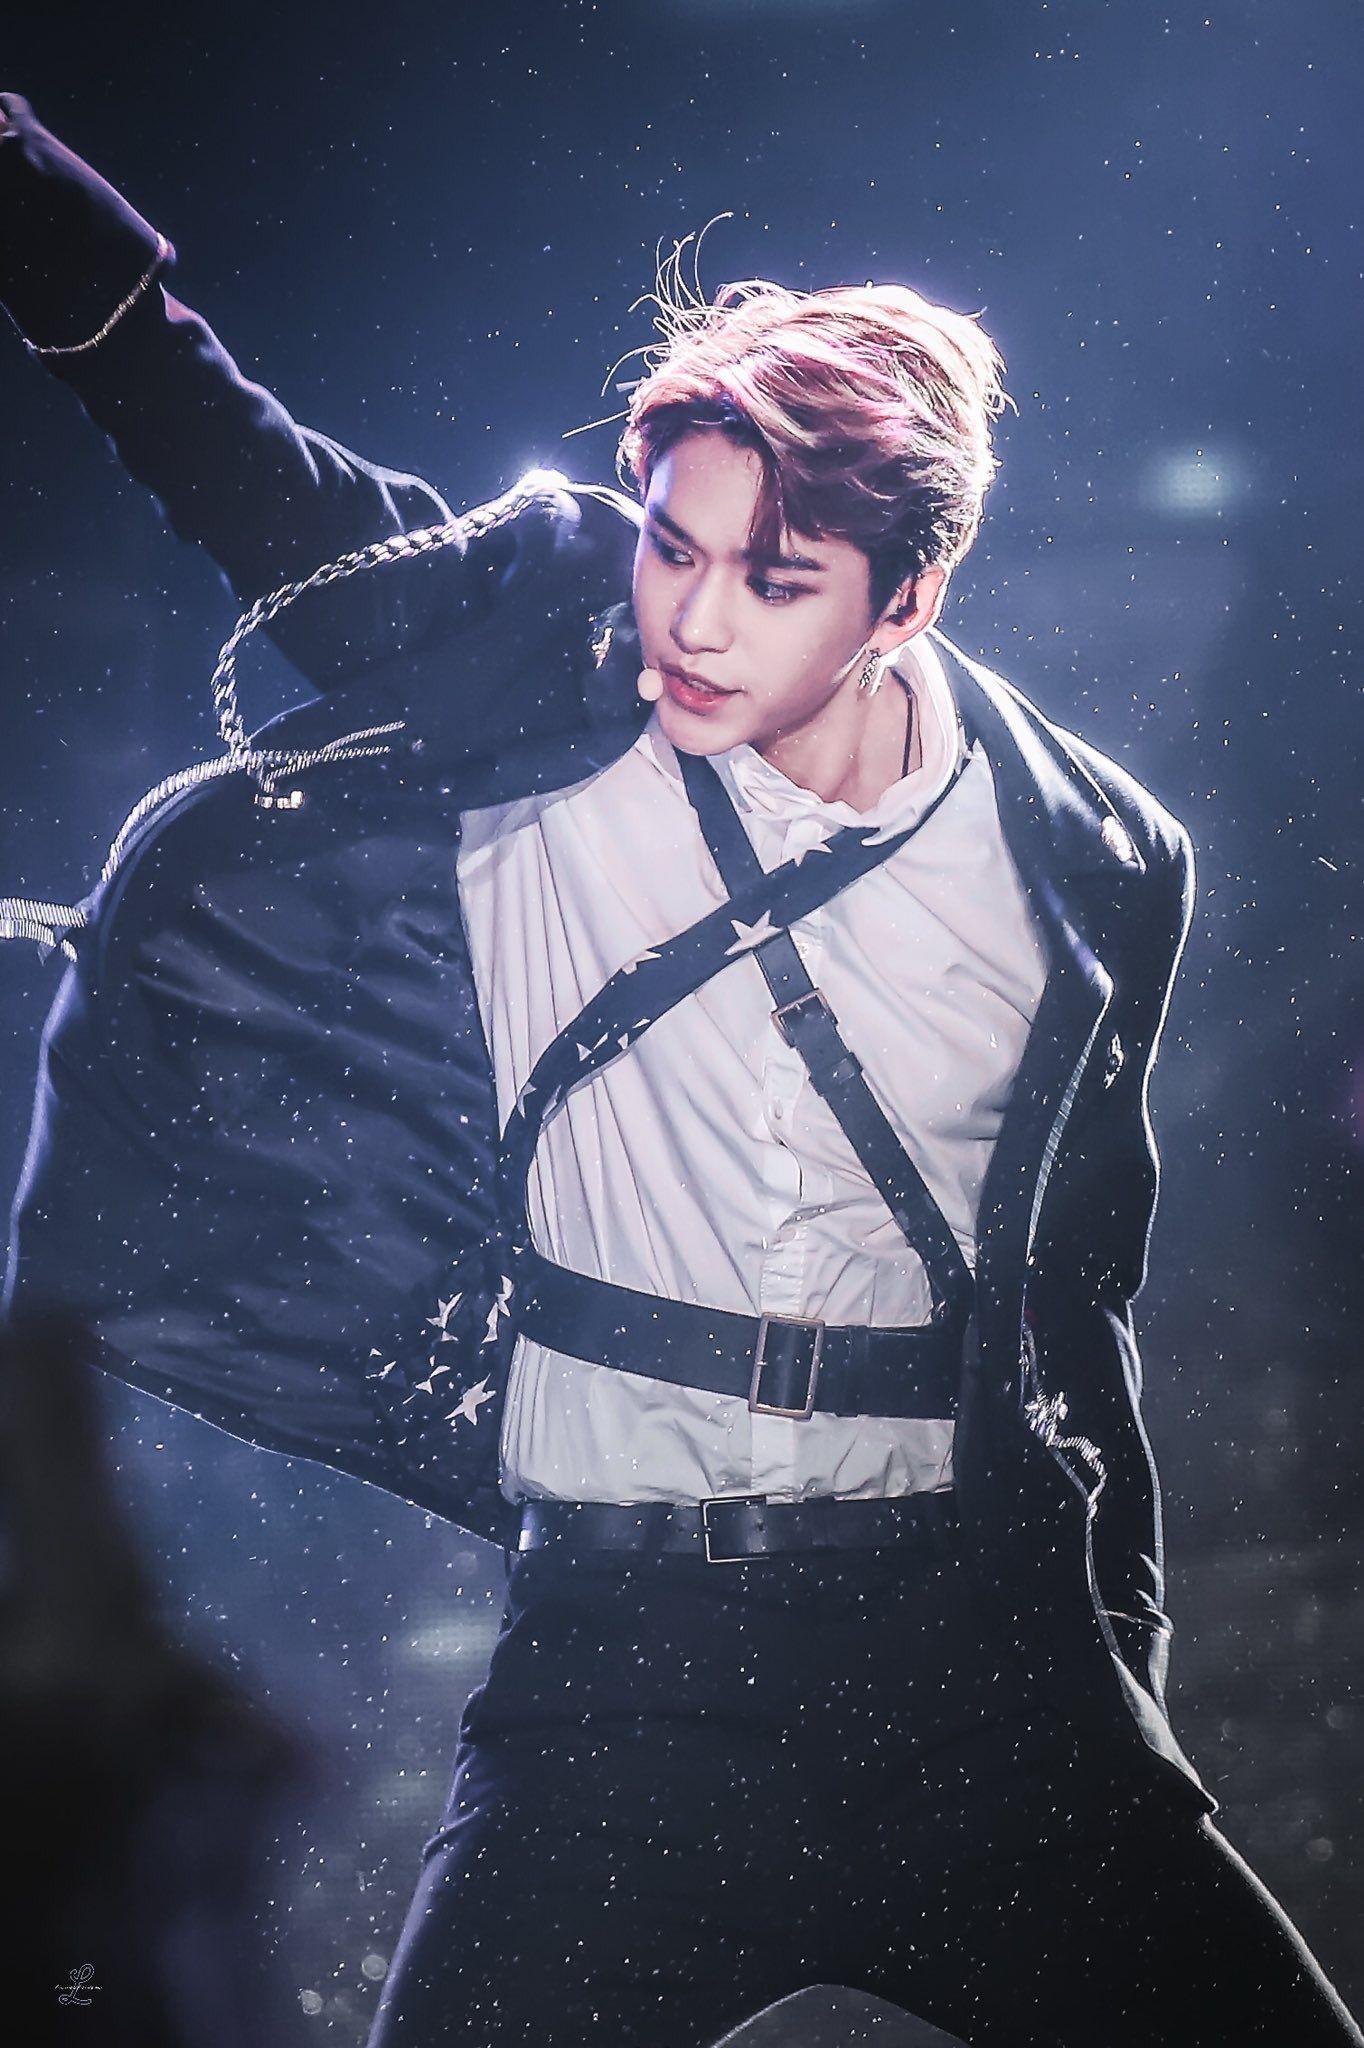 Hoàng tử Thái mới nổi góp giọng trong album của Taeyeon - Ảnh 4.